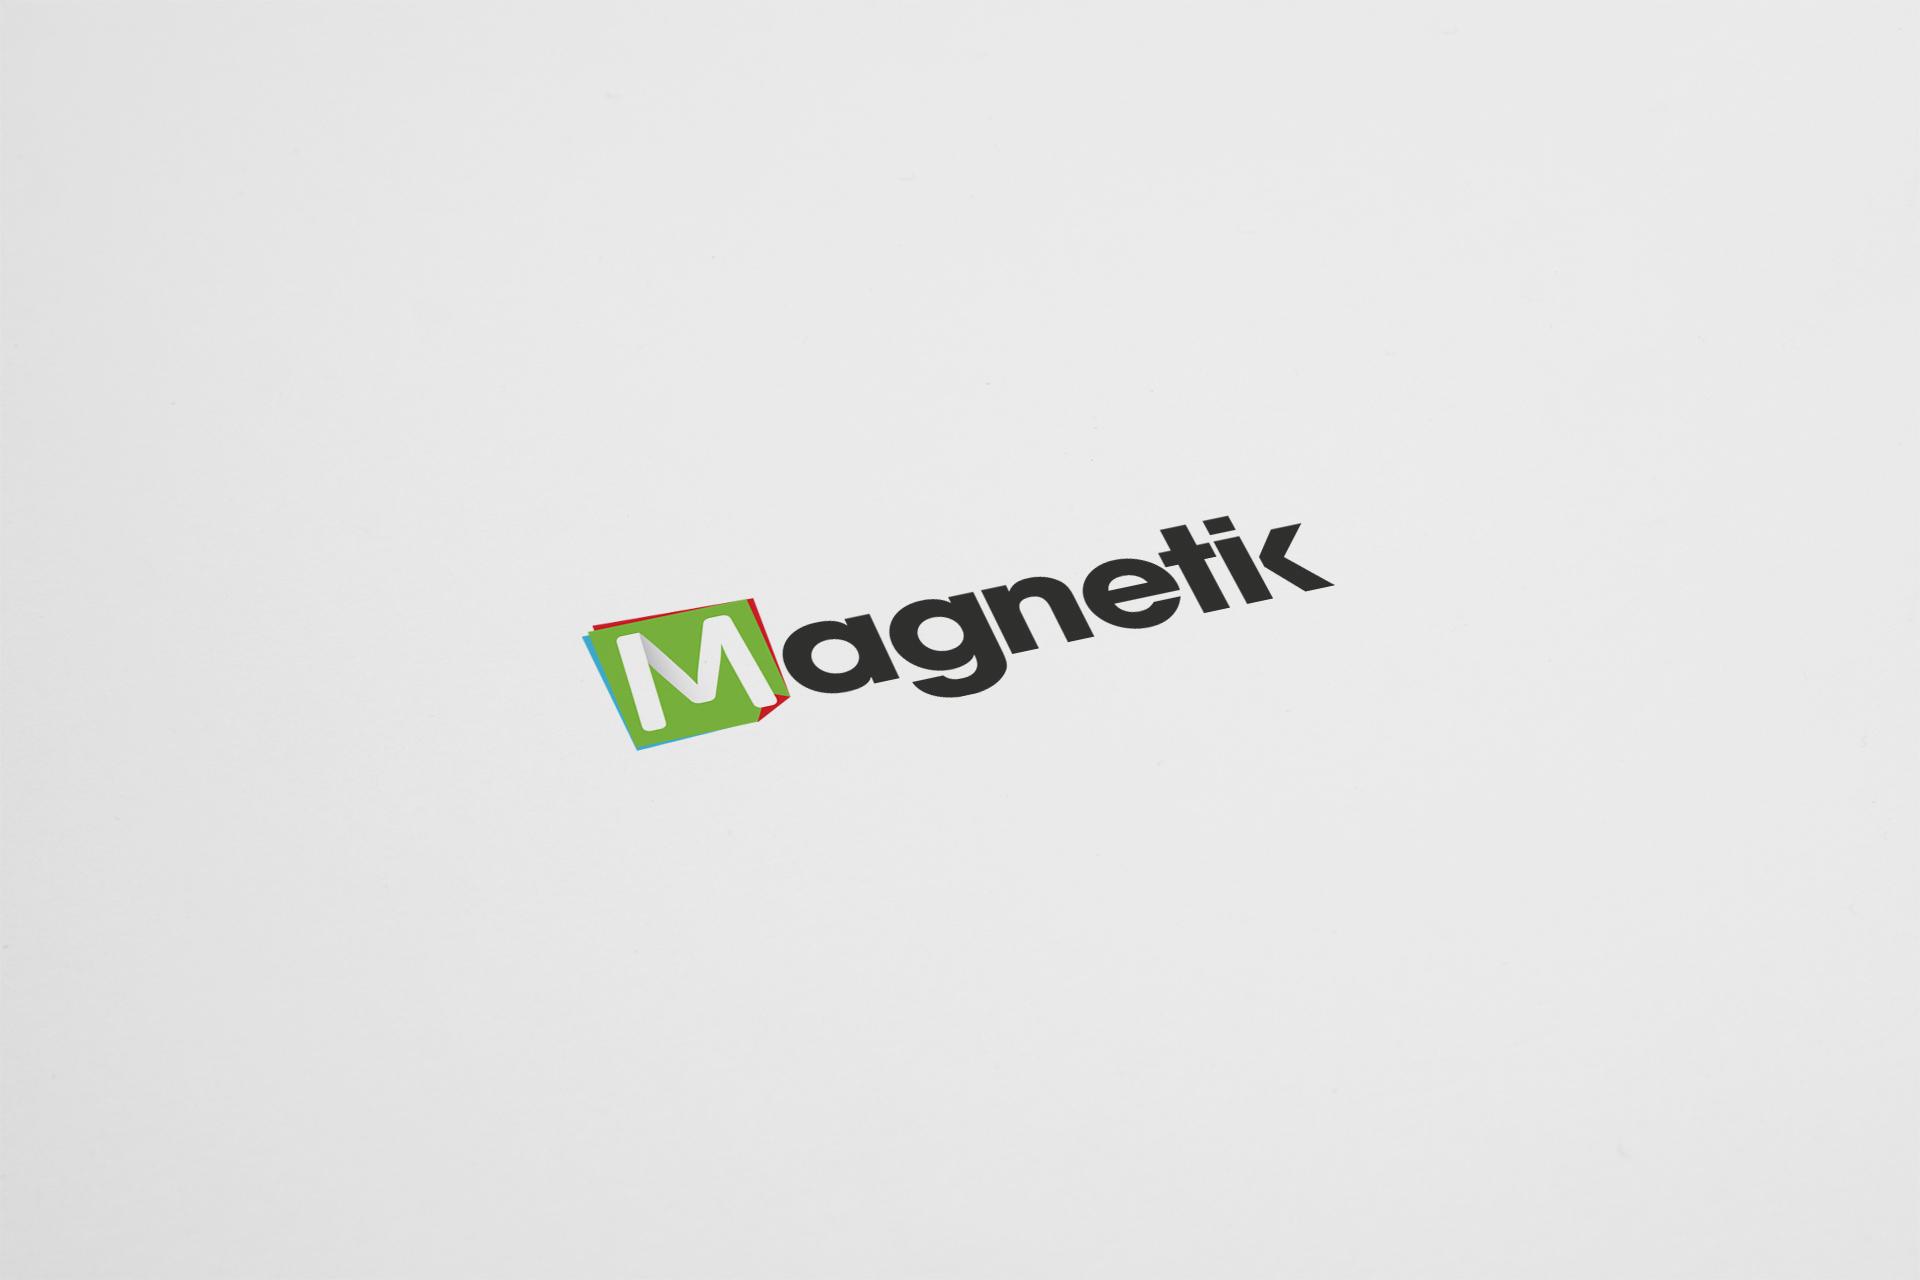 magnetik_2